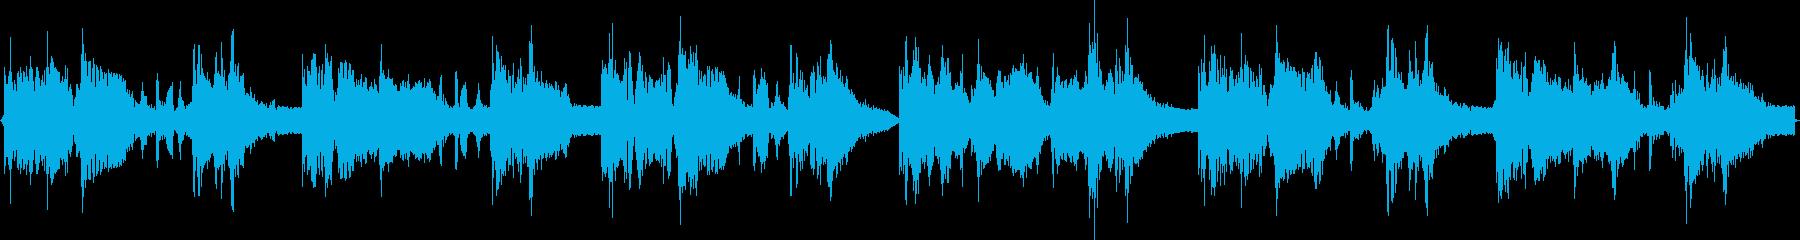 短い曲ですがループするとクセになりますの再生済みの波形